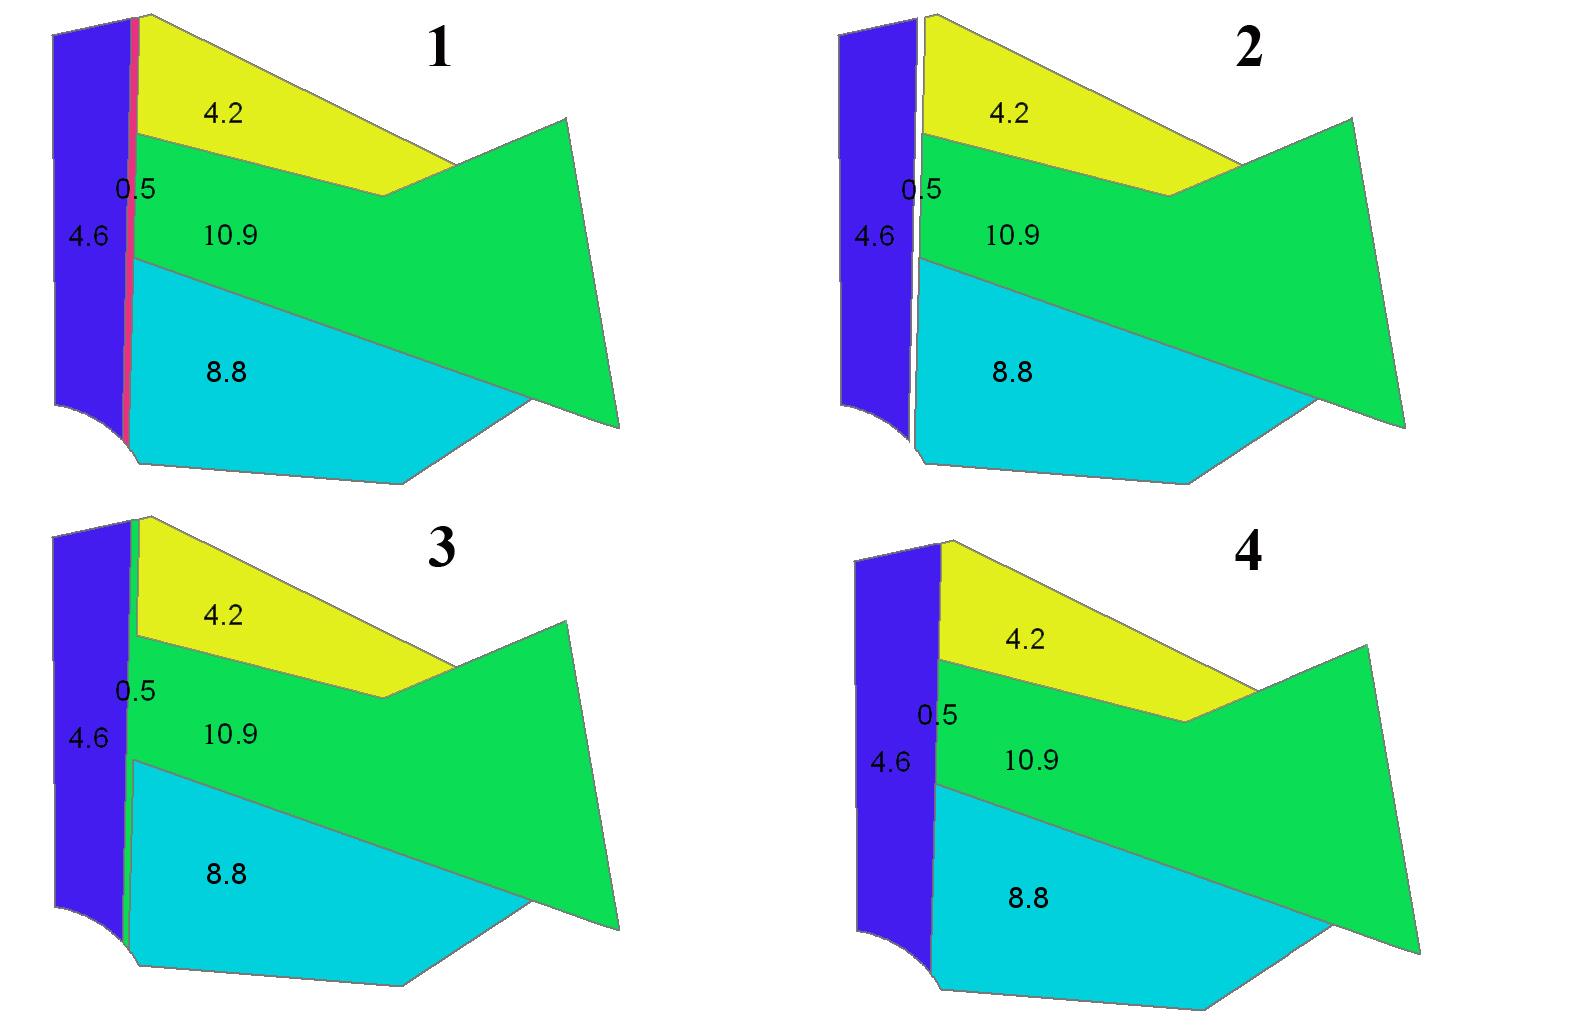 Рис. 121. Пример результата разных методов элиминации: 1 – полигональная тема до начала элиминации, для элиминации выбран узкий полигон, площадью 0,5 км2, 2 – элиминация методом удаления объектов (Delete), 3 – элиминация методом объединения по площади (Join (area)), 4 – элиминация методом объединения по границе (Join (border))